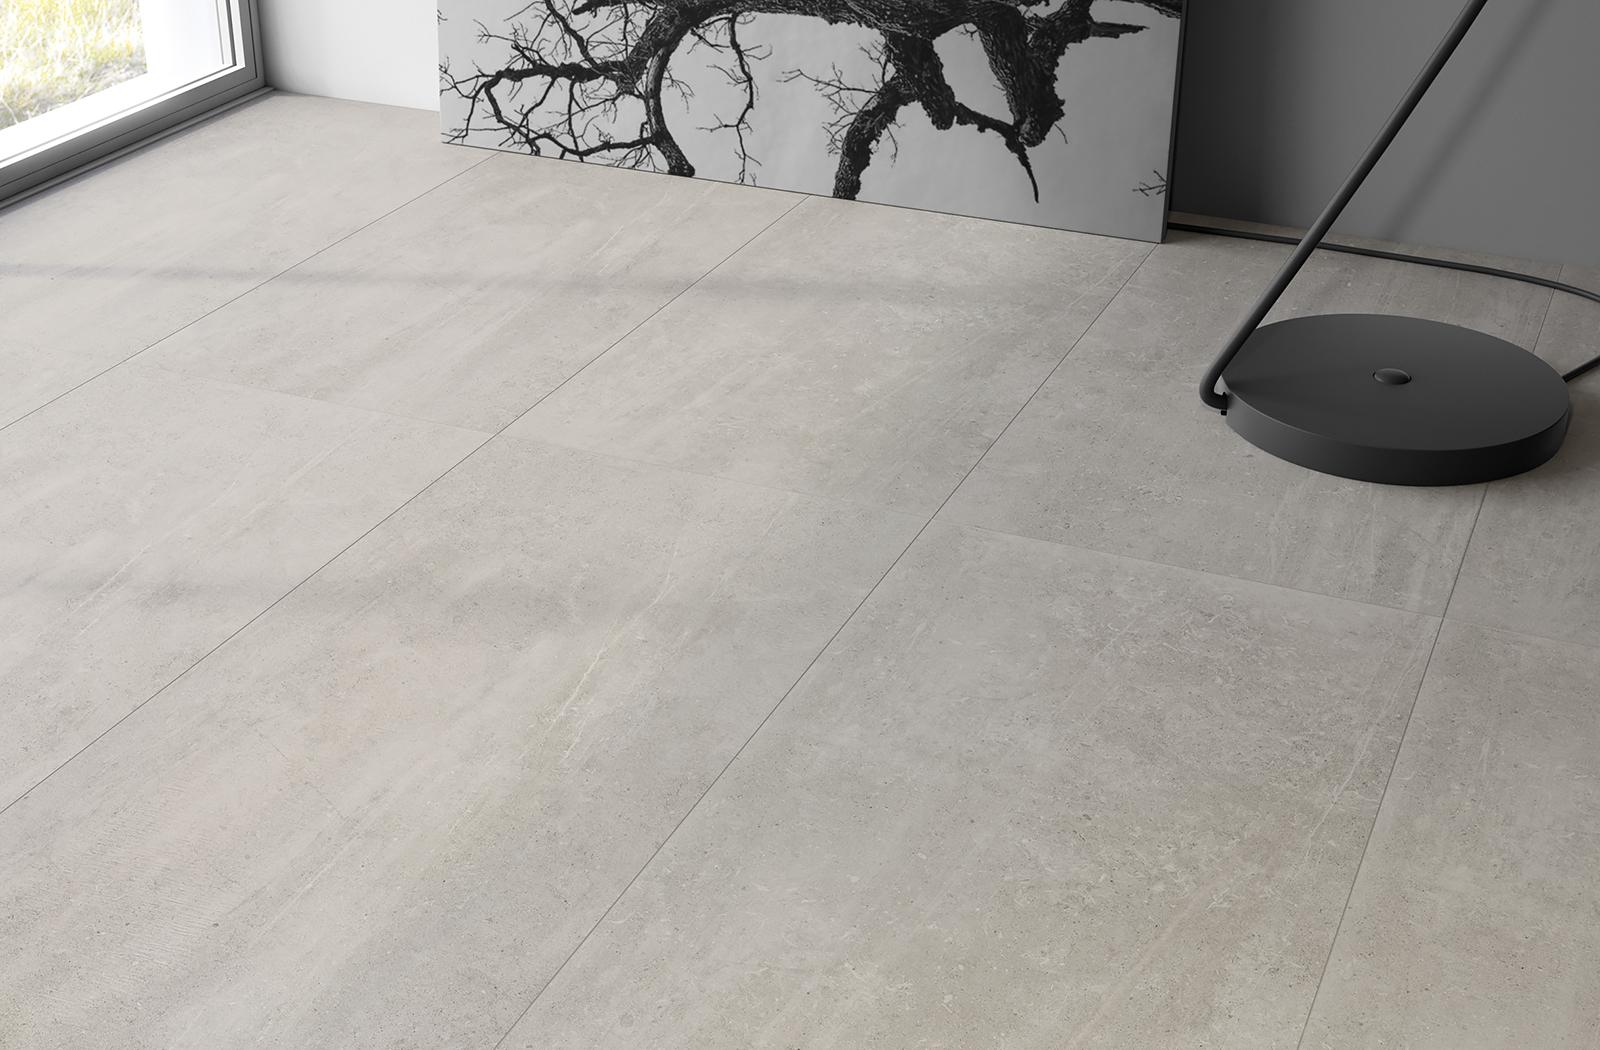 Quartz Olympia Tile